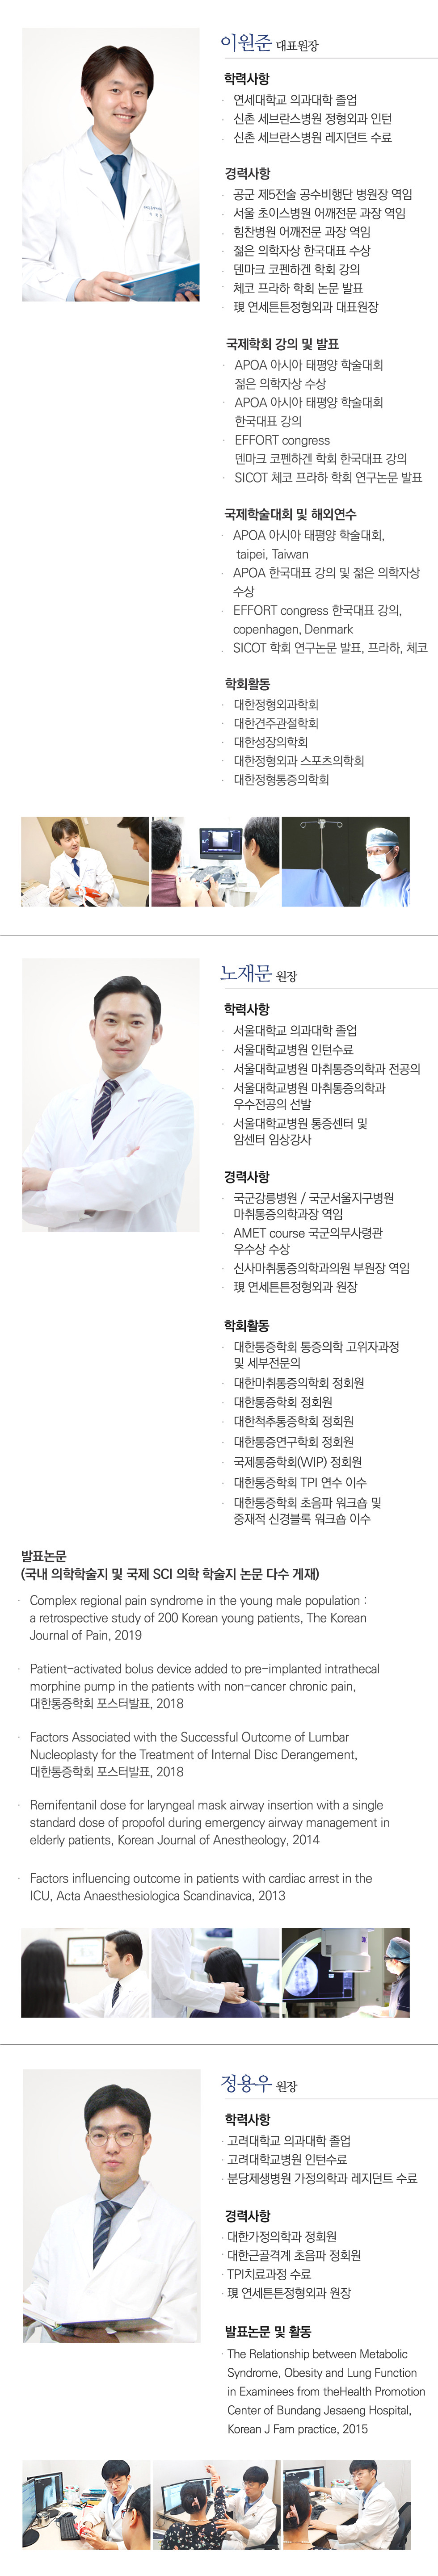 의료진소개_20210209.jpg